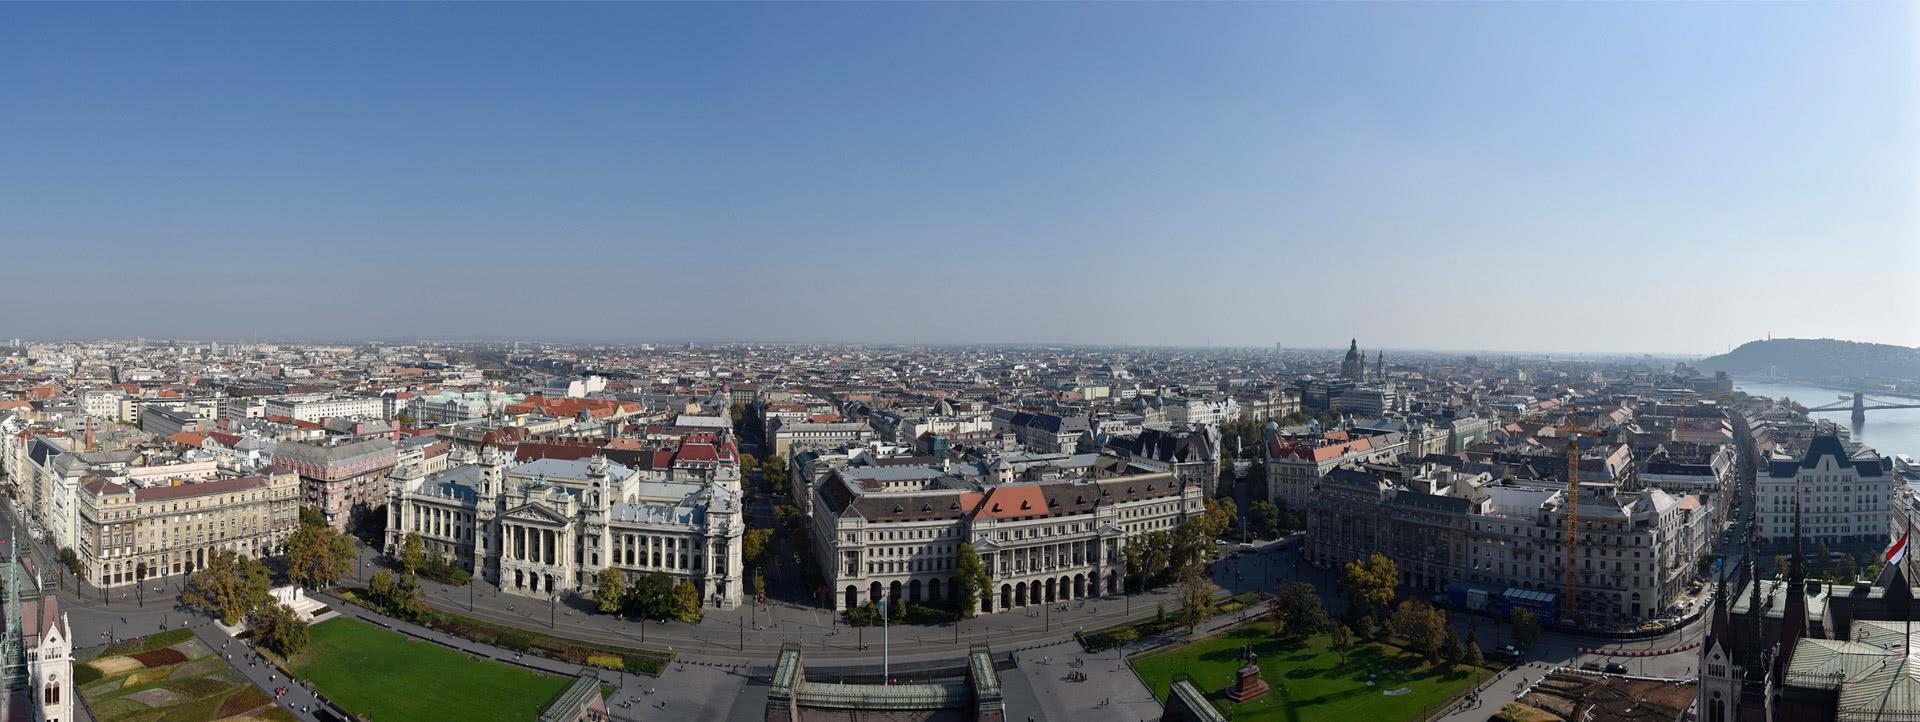 Az Országházat környező épületek